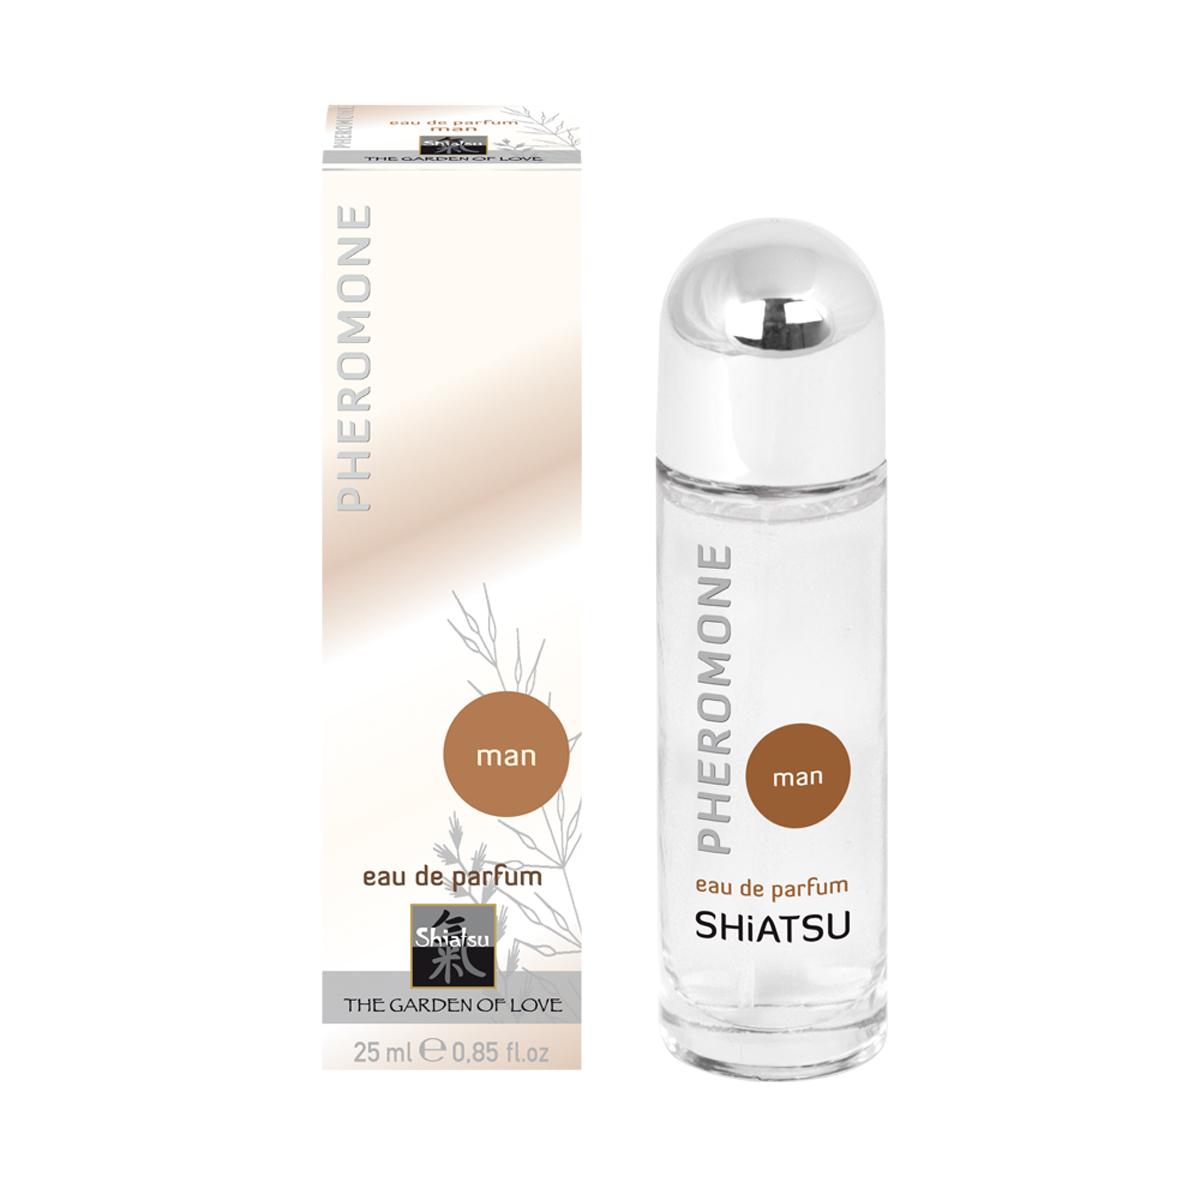 Shiatsu Мужские духи с феромонами Shiatsu 25 мл66101Высококачественный парфюм, обогащенный феромонами. Стильный мужской аромат поразит всех женщин.